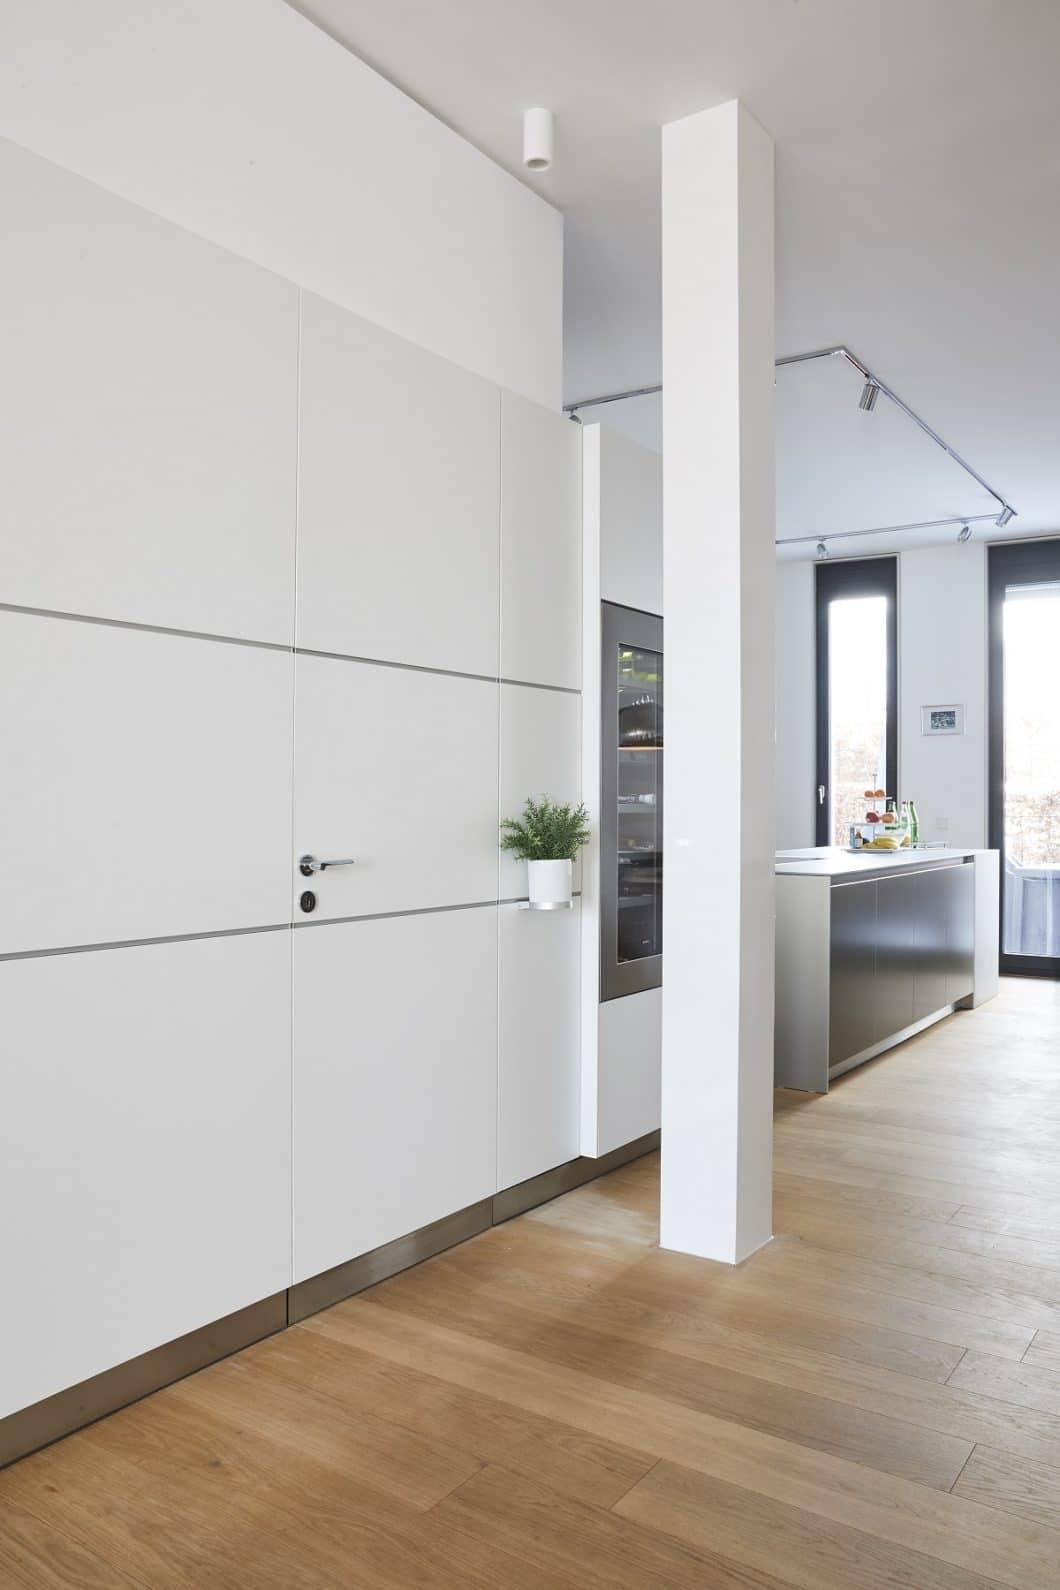 """Besucher treten in das Projekt bulthaup b3 """"Sophienterrasse"""" ein und folgen als erstes der Paneelwand in den Küchenbereich. Hinter der kaum wahrnehmbaren Klinke befindet sich ein extra Gäste-WC, das kaschiert werden sollte. (Foto: Küchen-Atelier Hamburg/ Volker Renner)"""